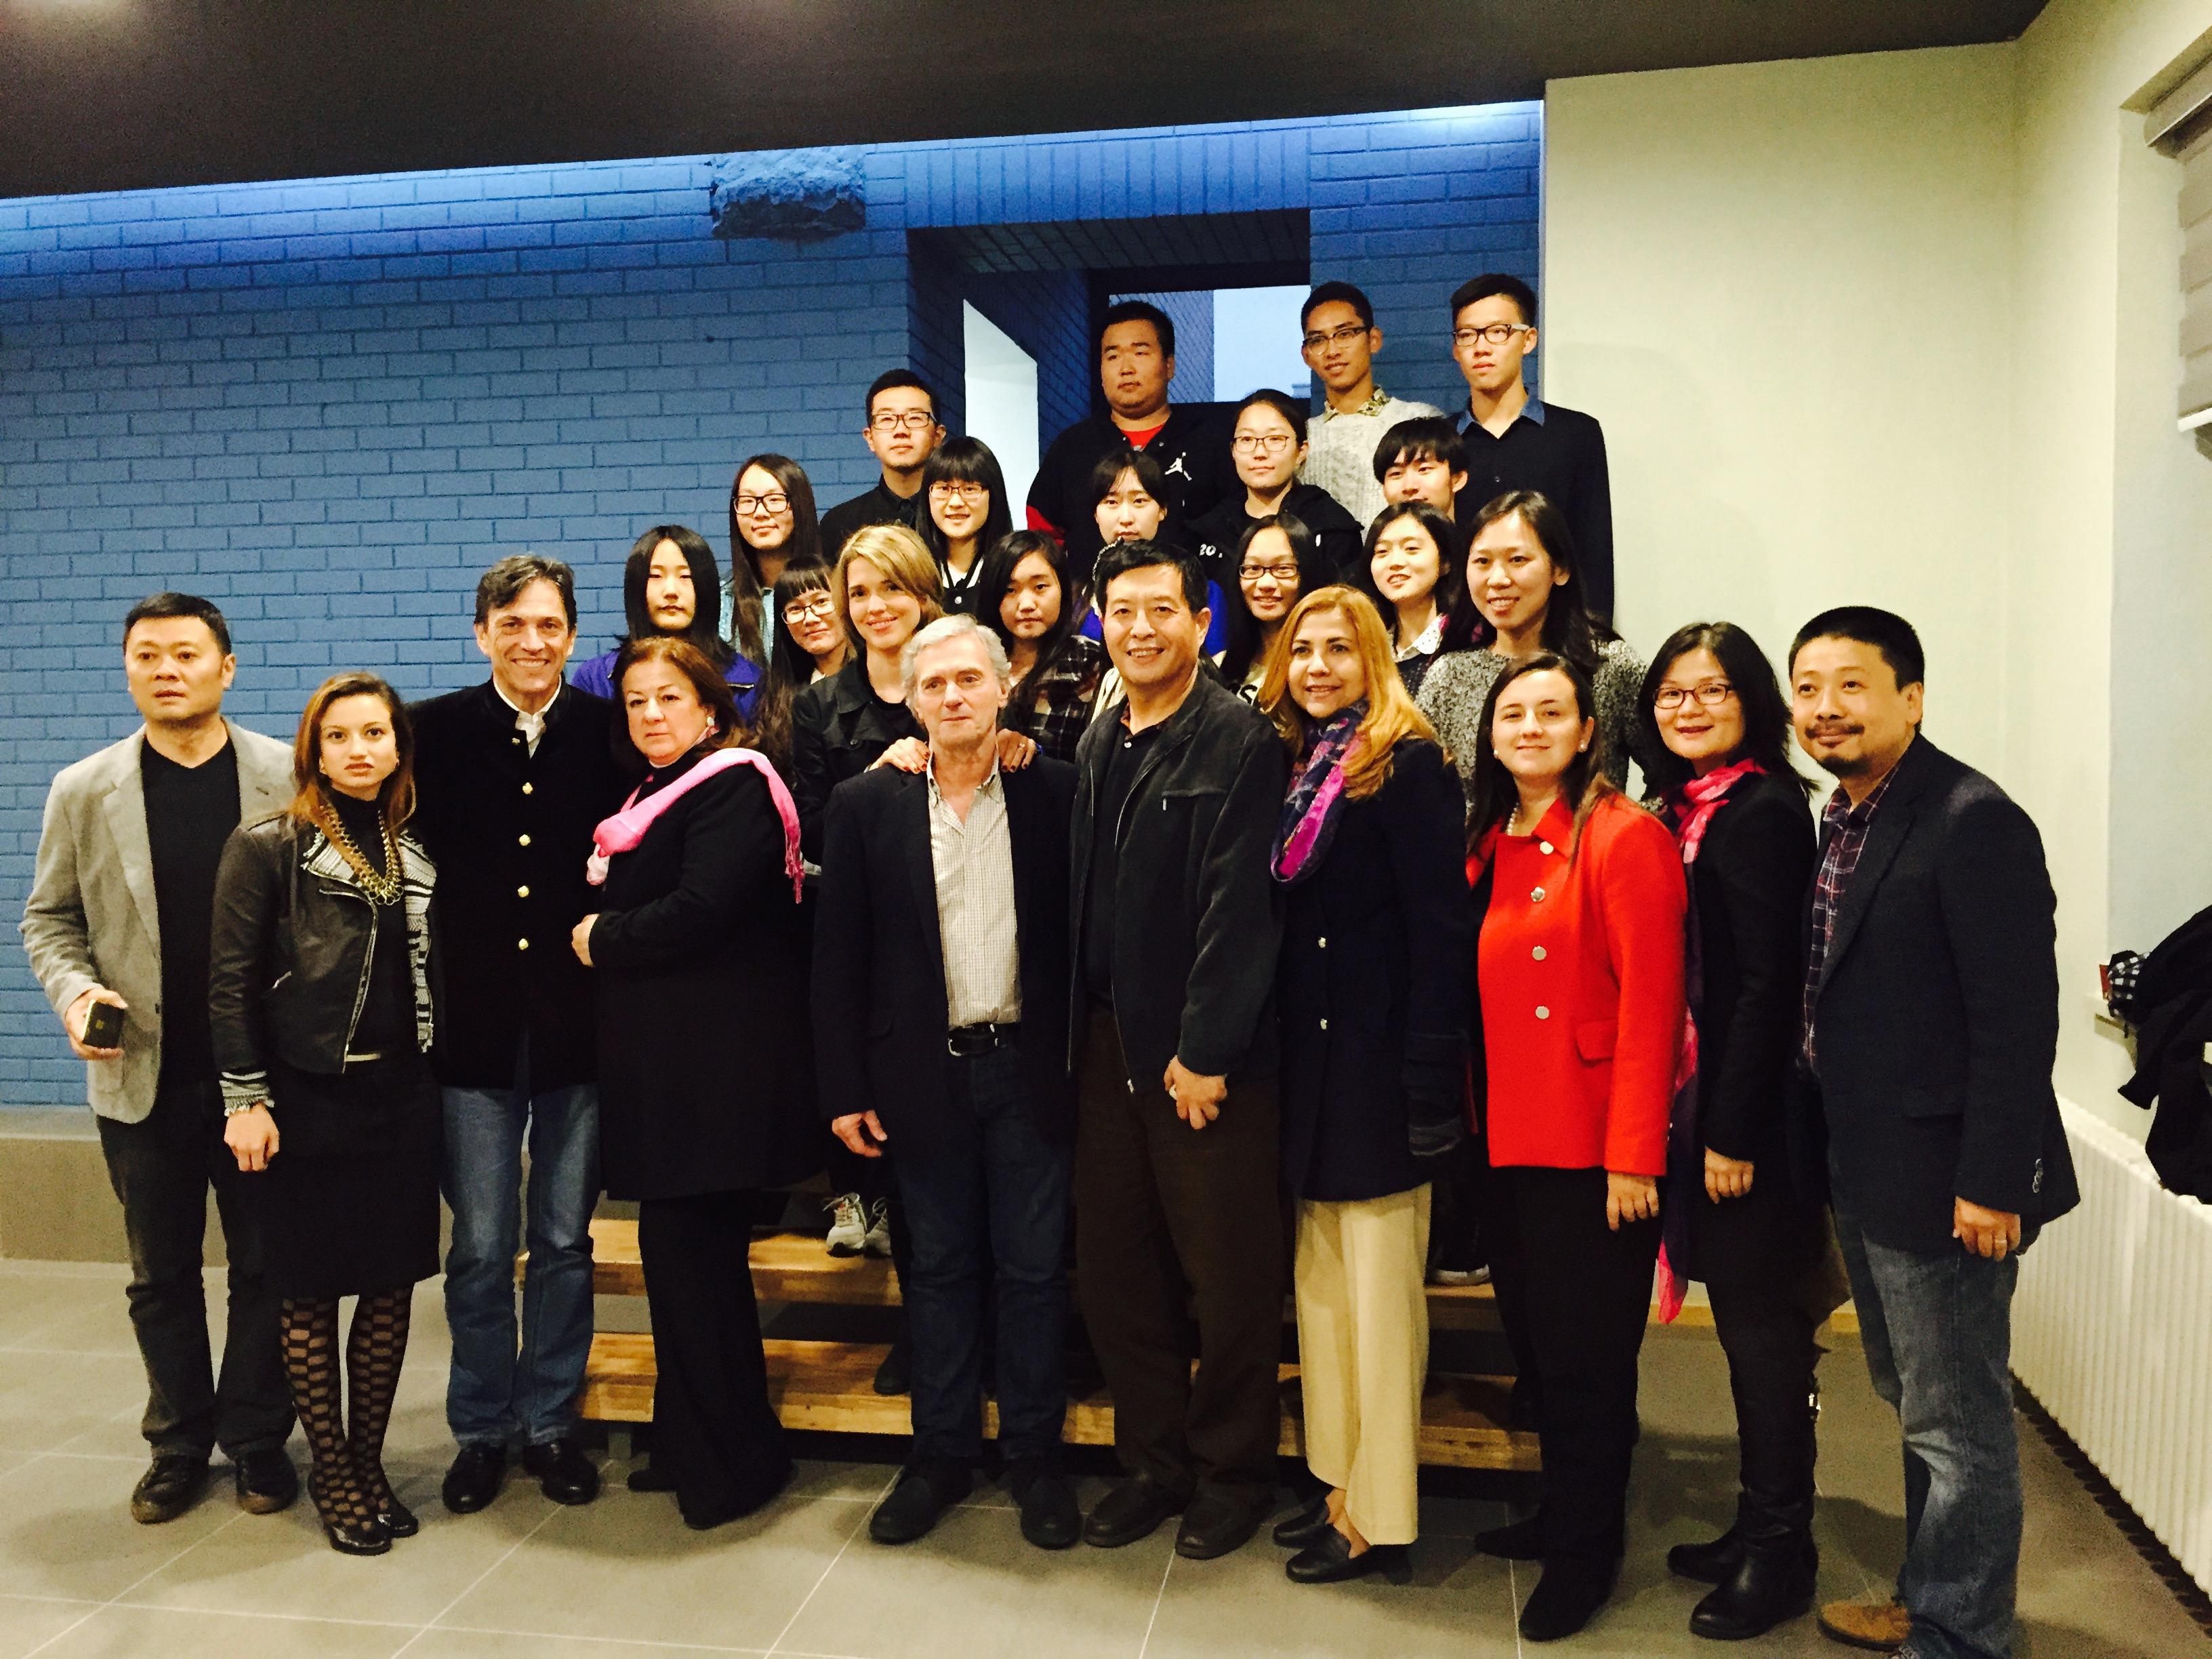 Embajada de Colombia en China inauguró el X Ciclo de Cine en Beijing con la participación del director Sergio Cabrera